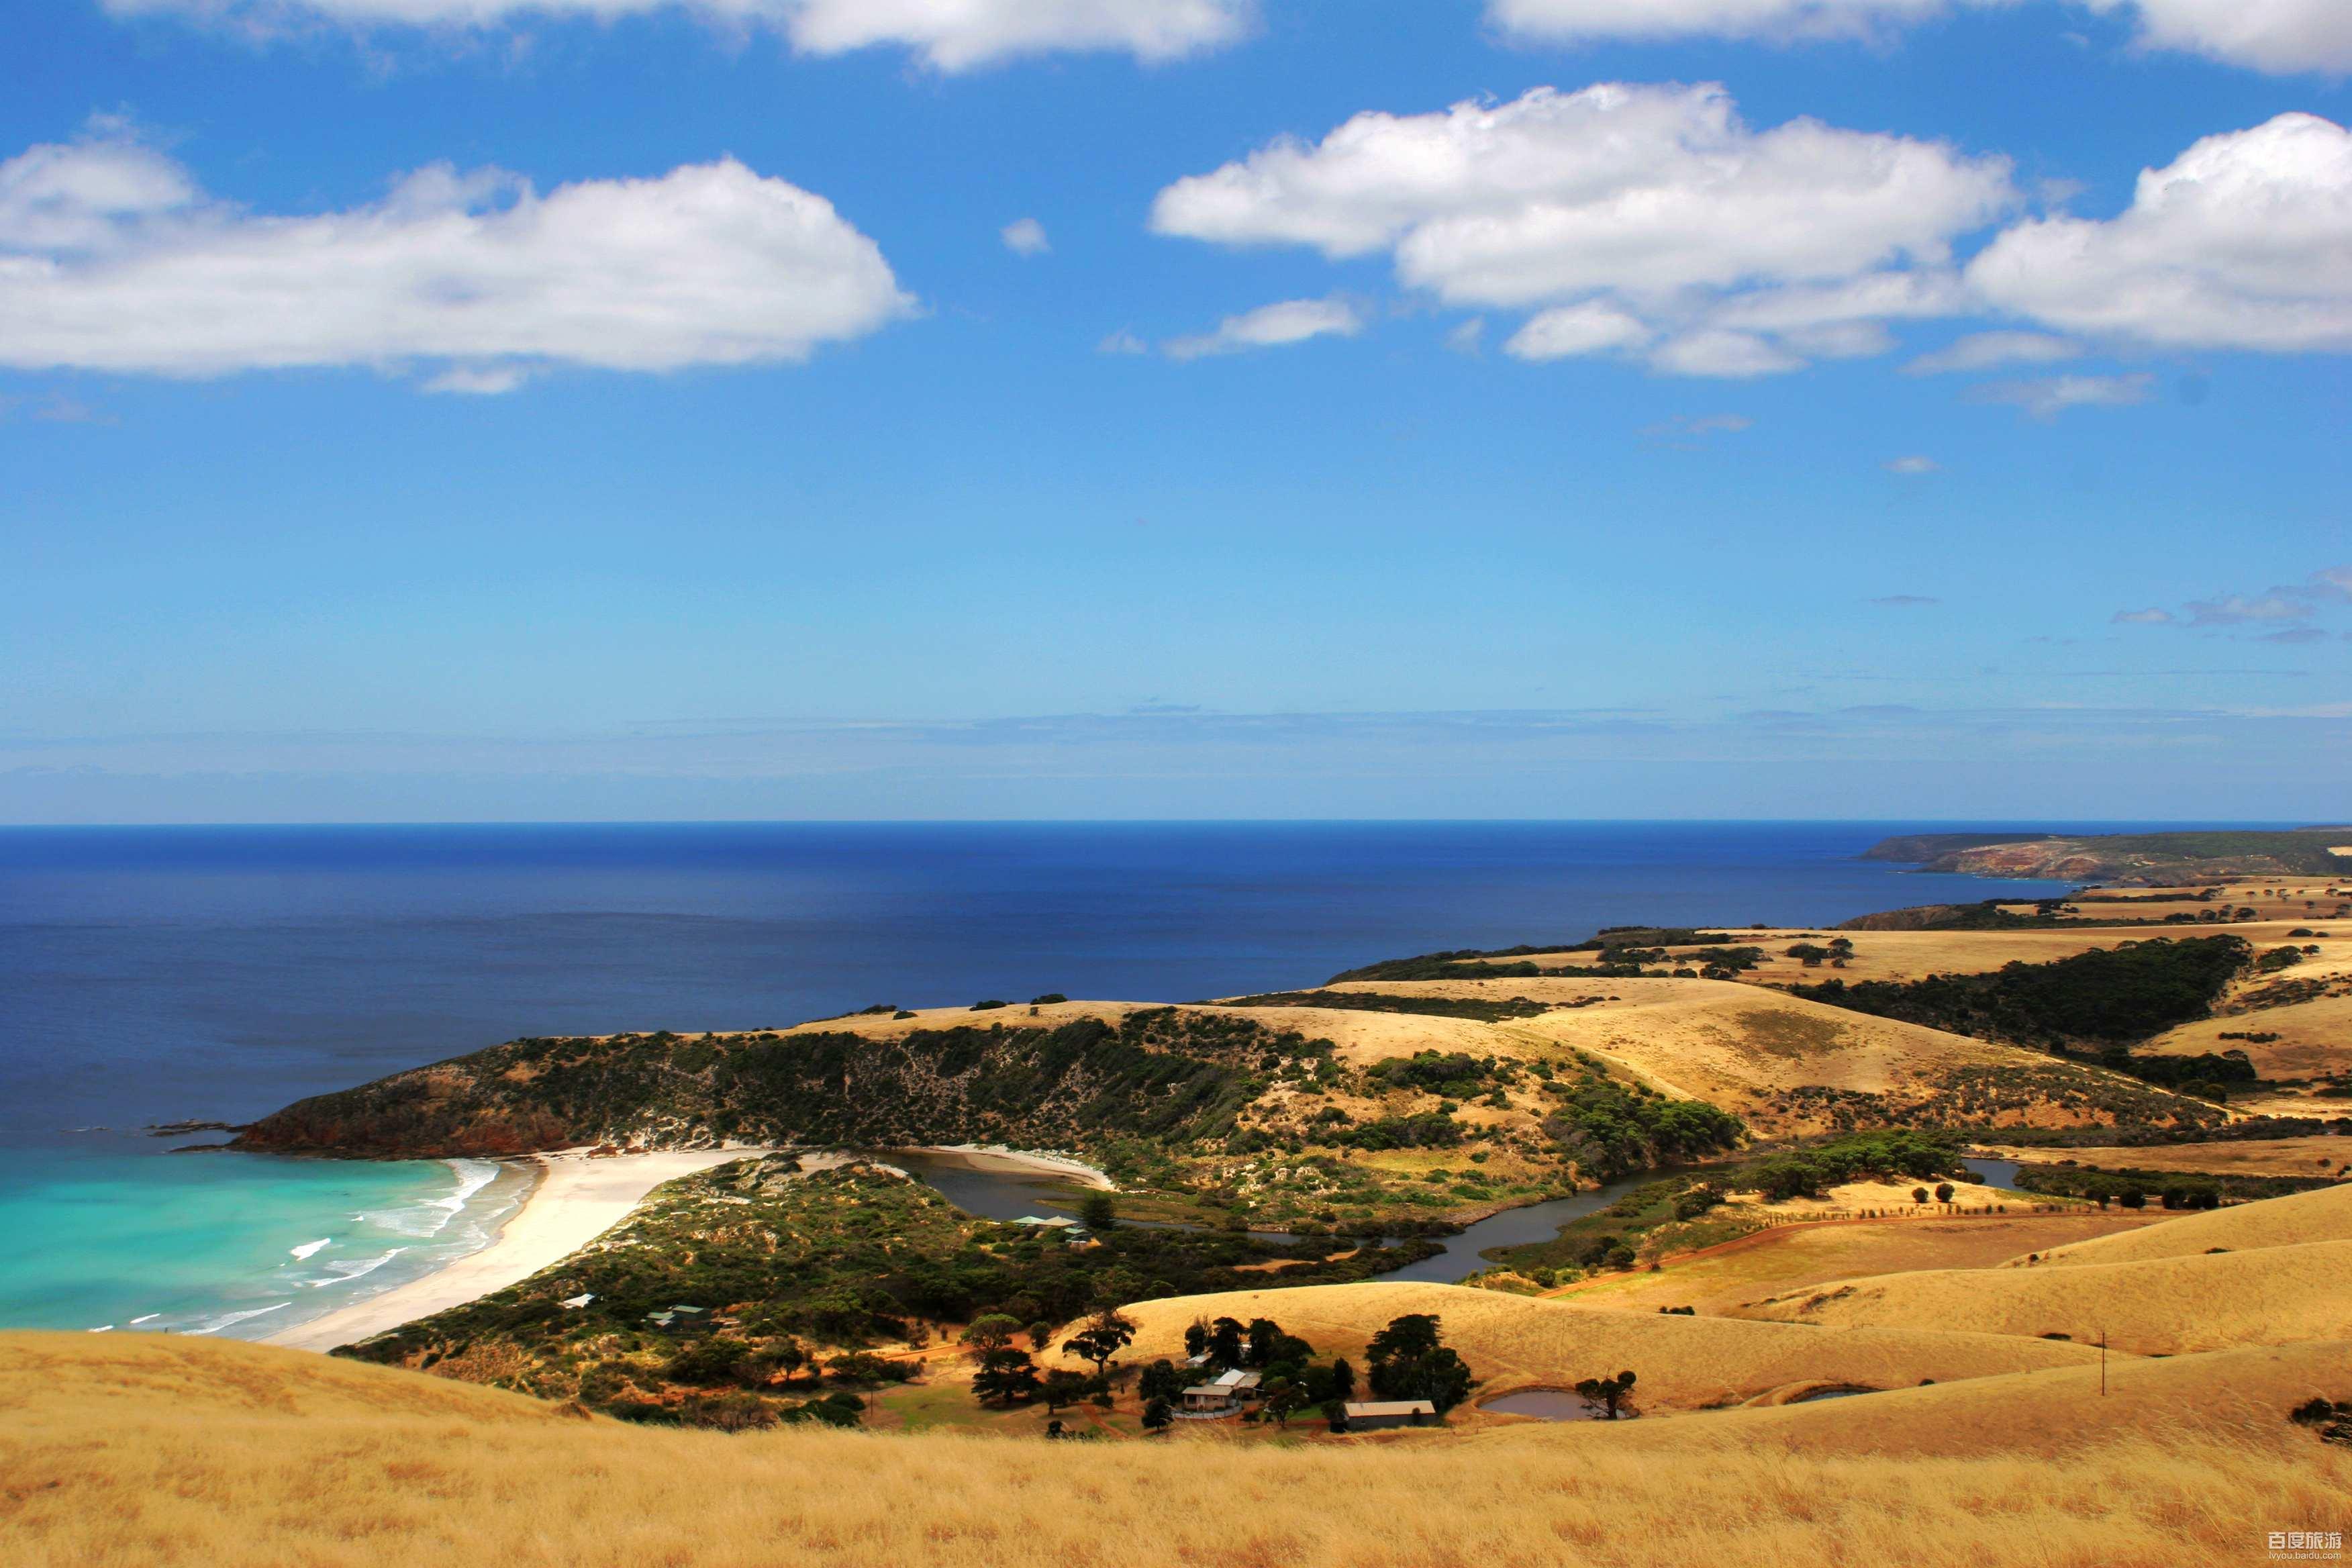 2018南澳大利亚州景点大全,南澳大利亚州旅游景点,大